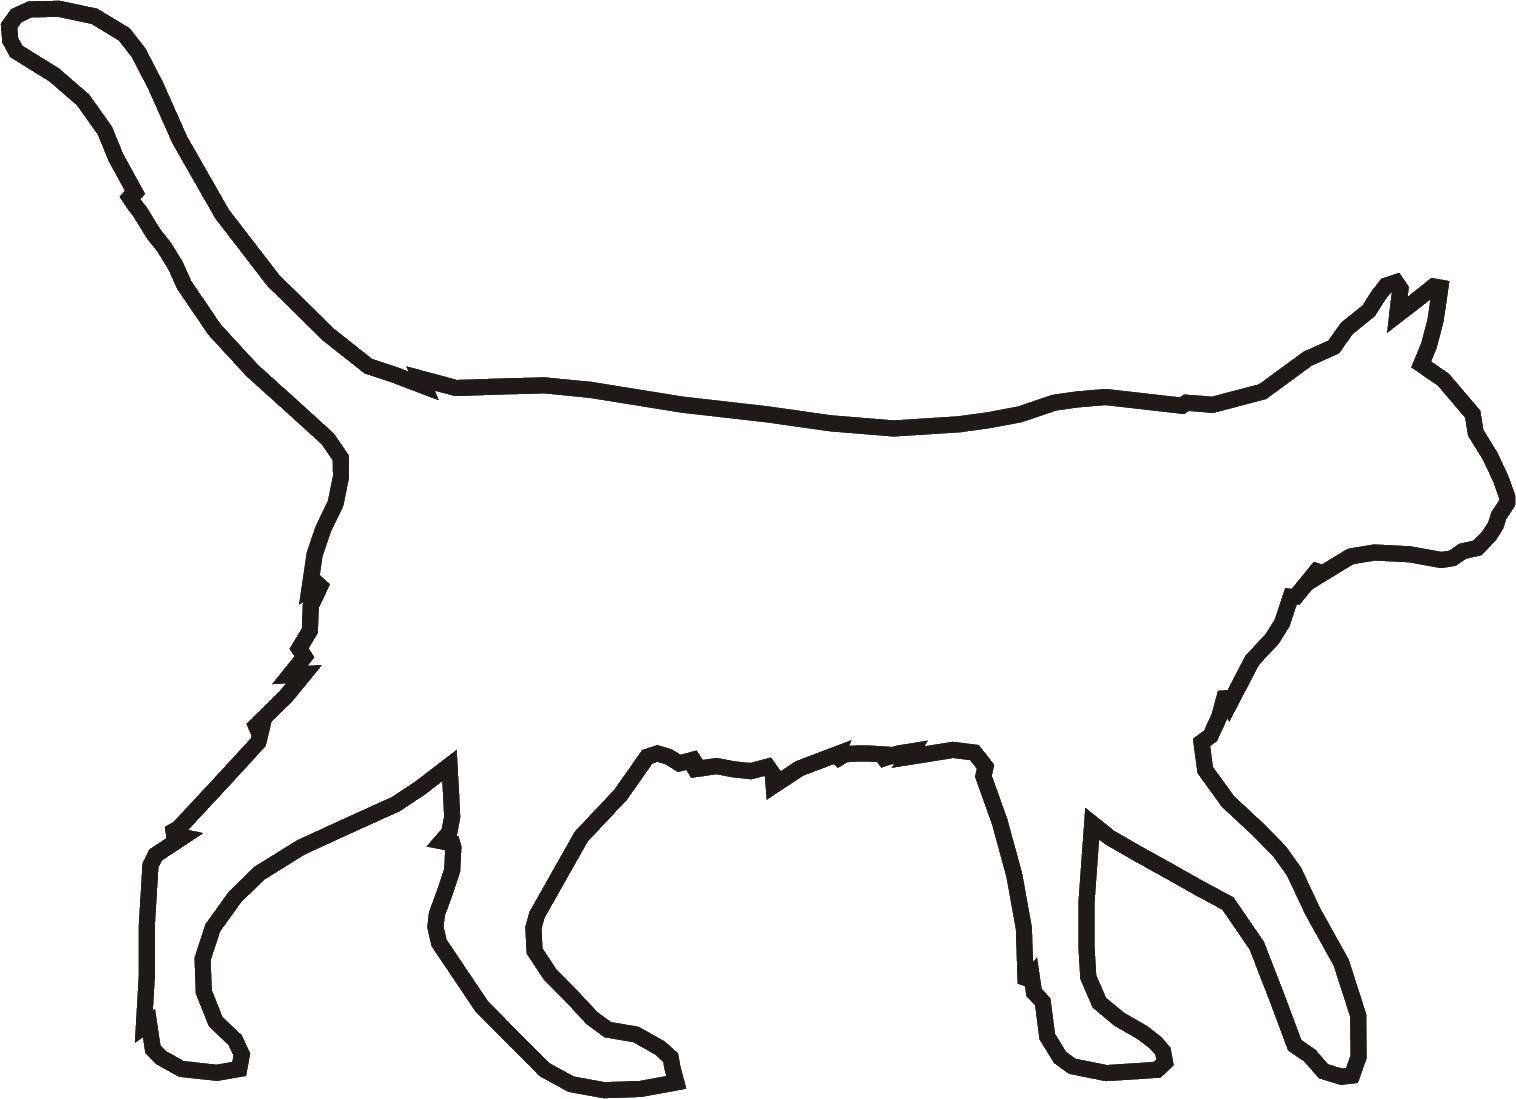 Кошка Качественный широкий контур кошки.